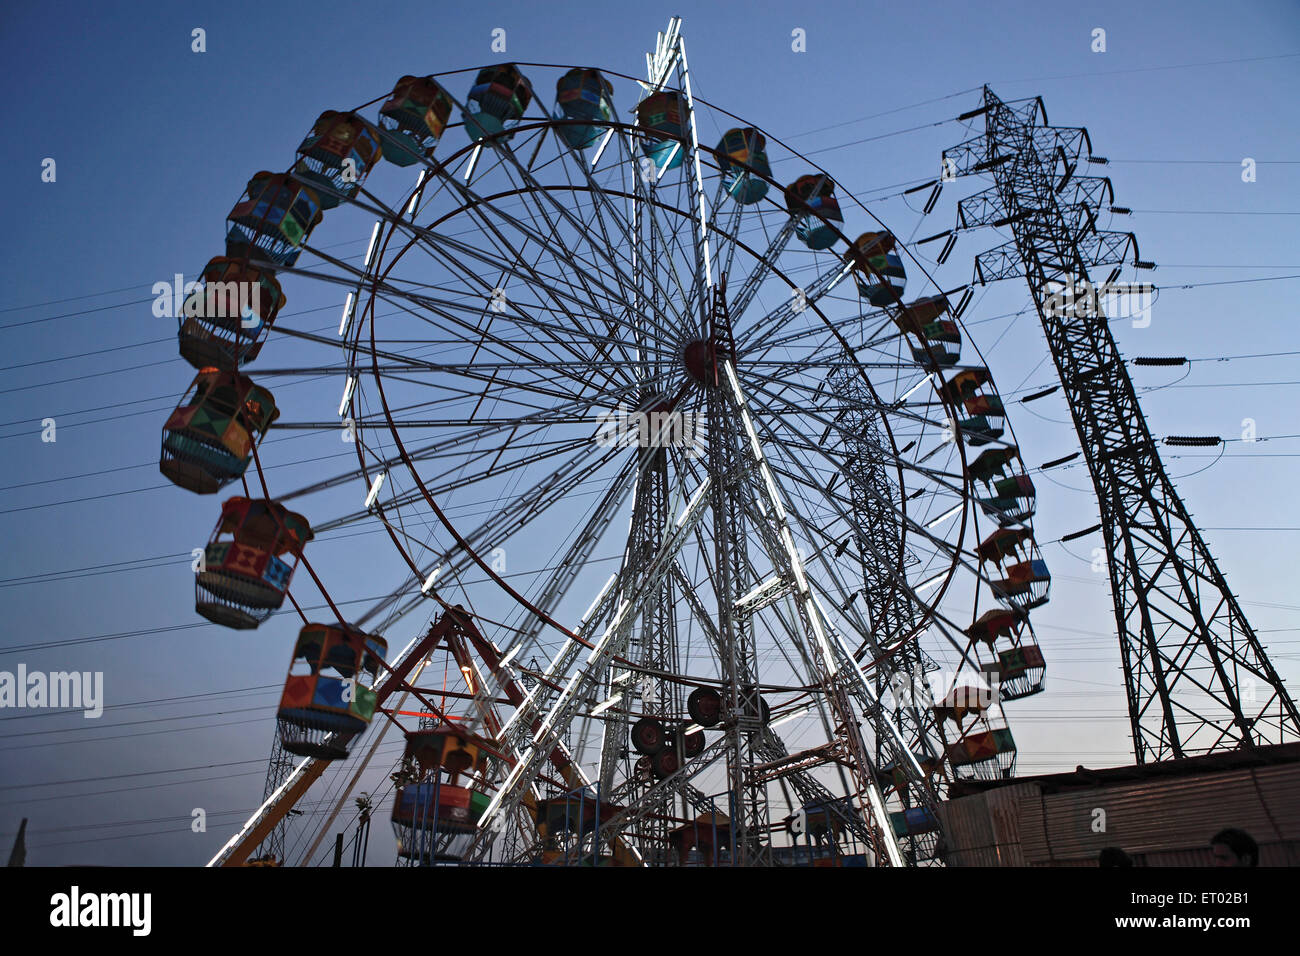 Rueda Gigante en la feria con la torre de transmisión de electricidad en el fondo Foto de stock